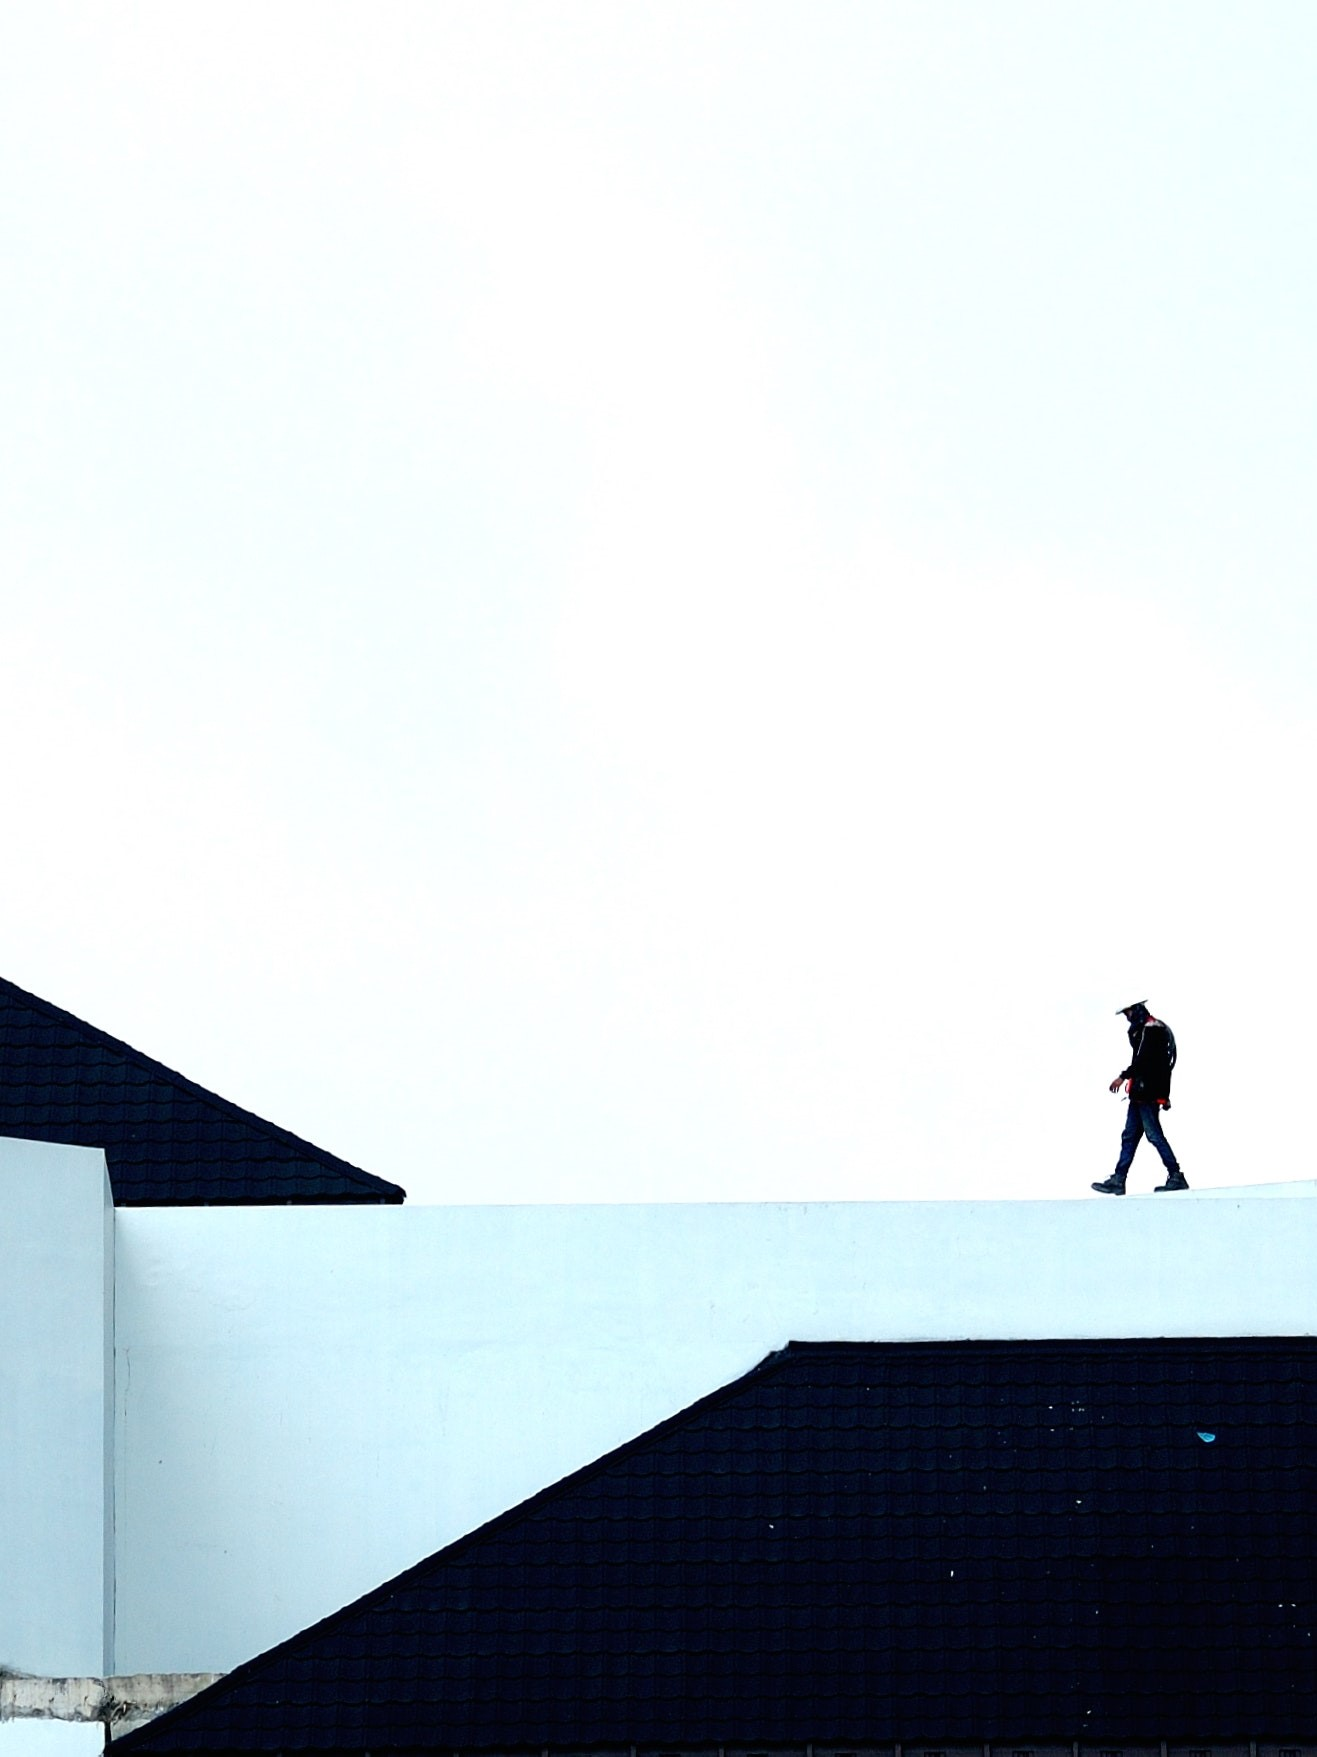 image of man walking